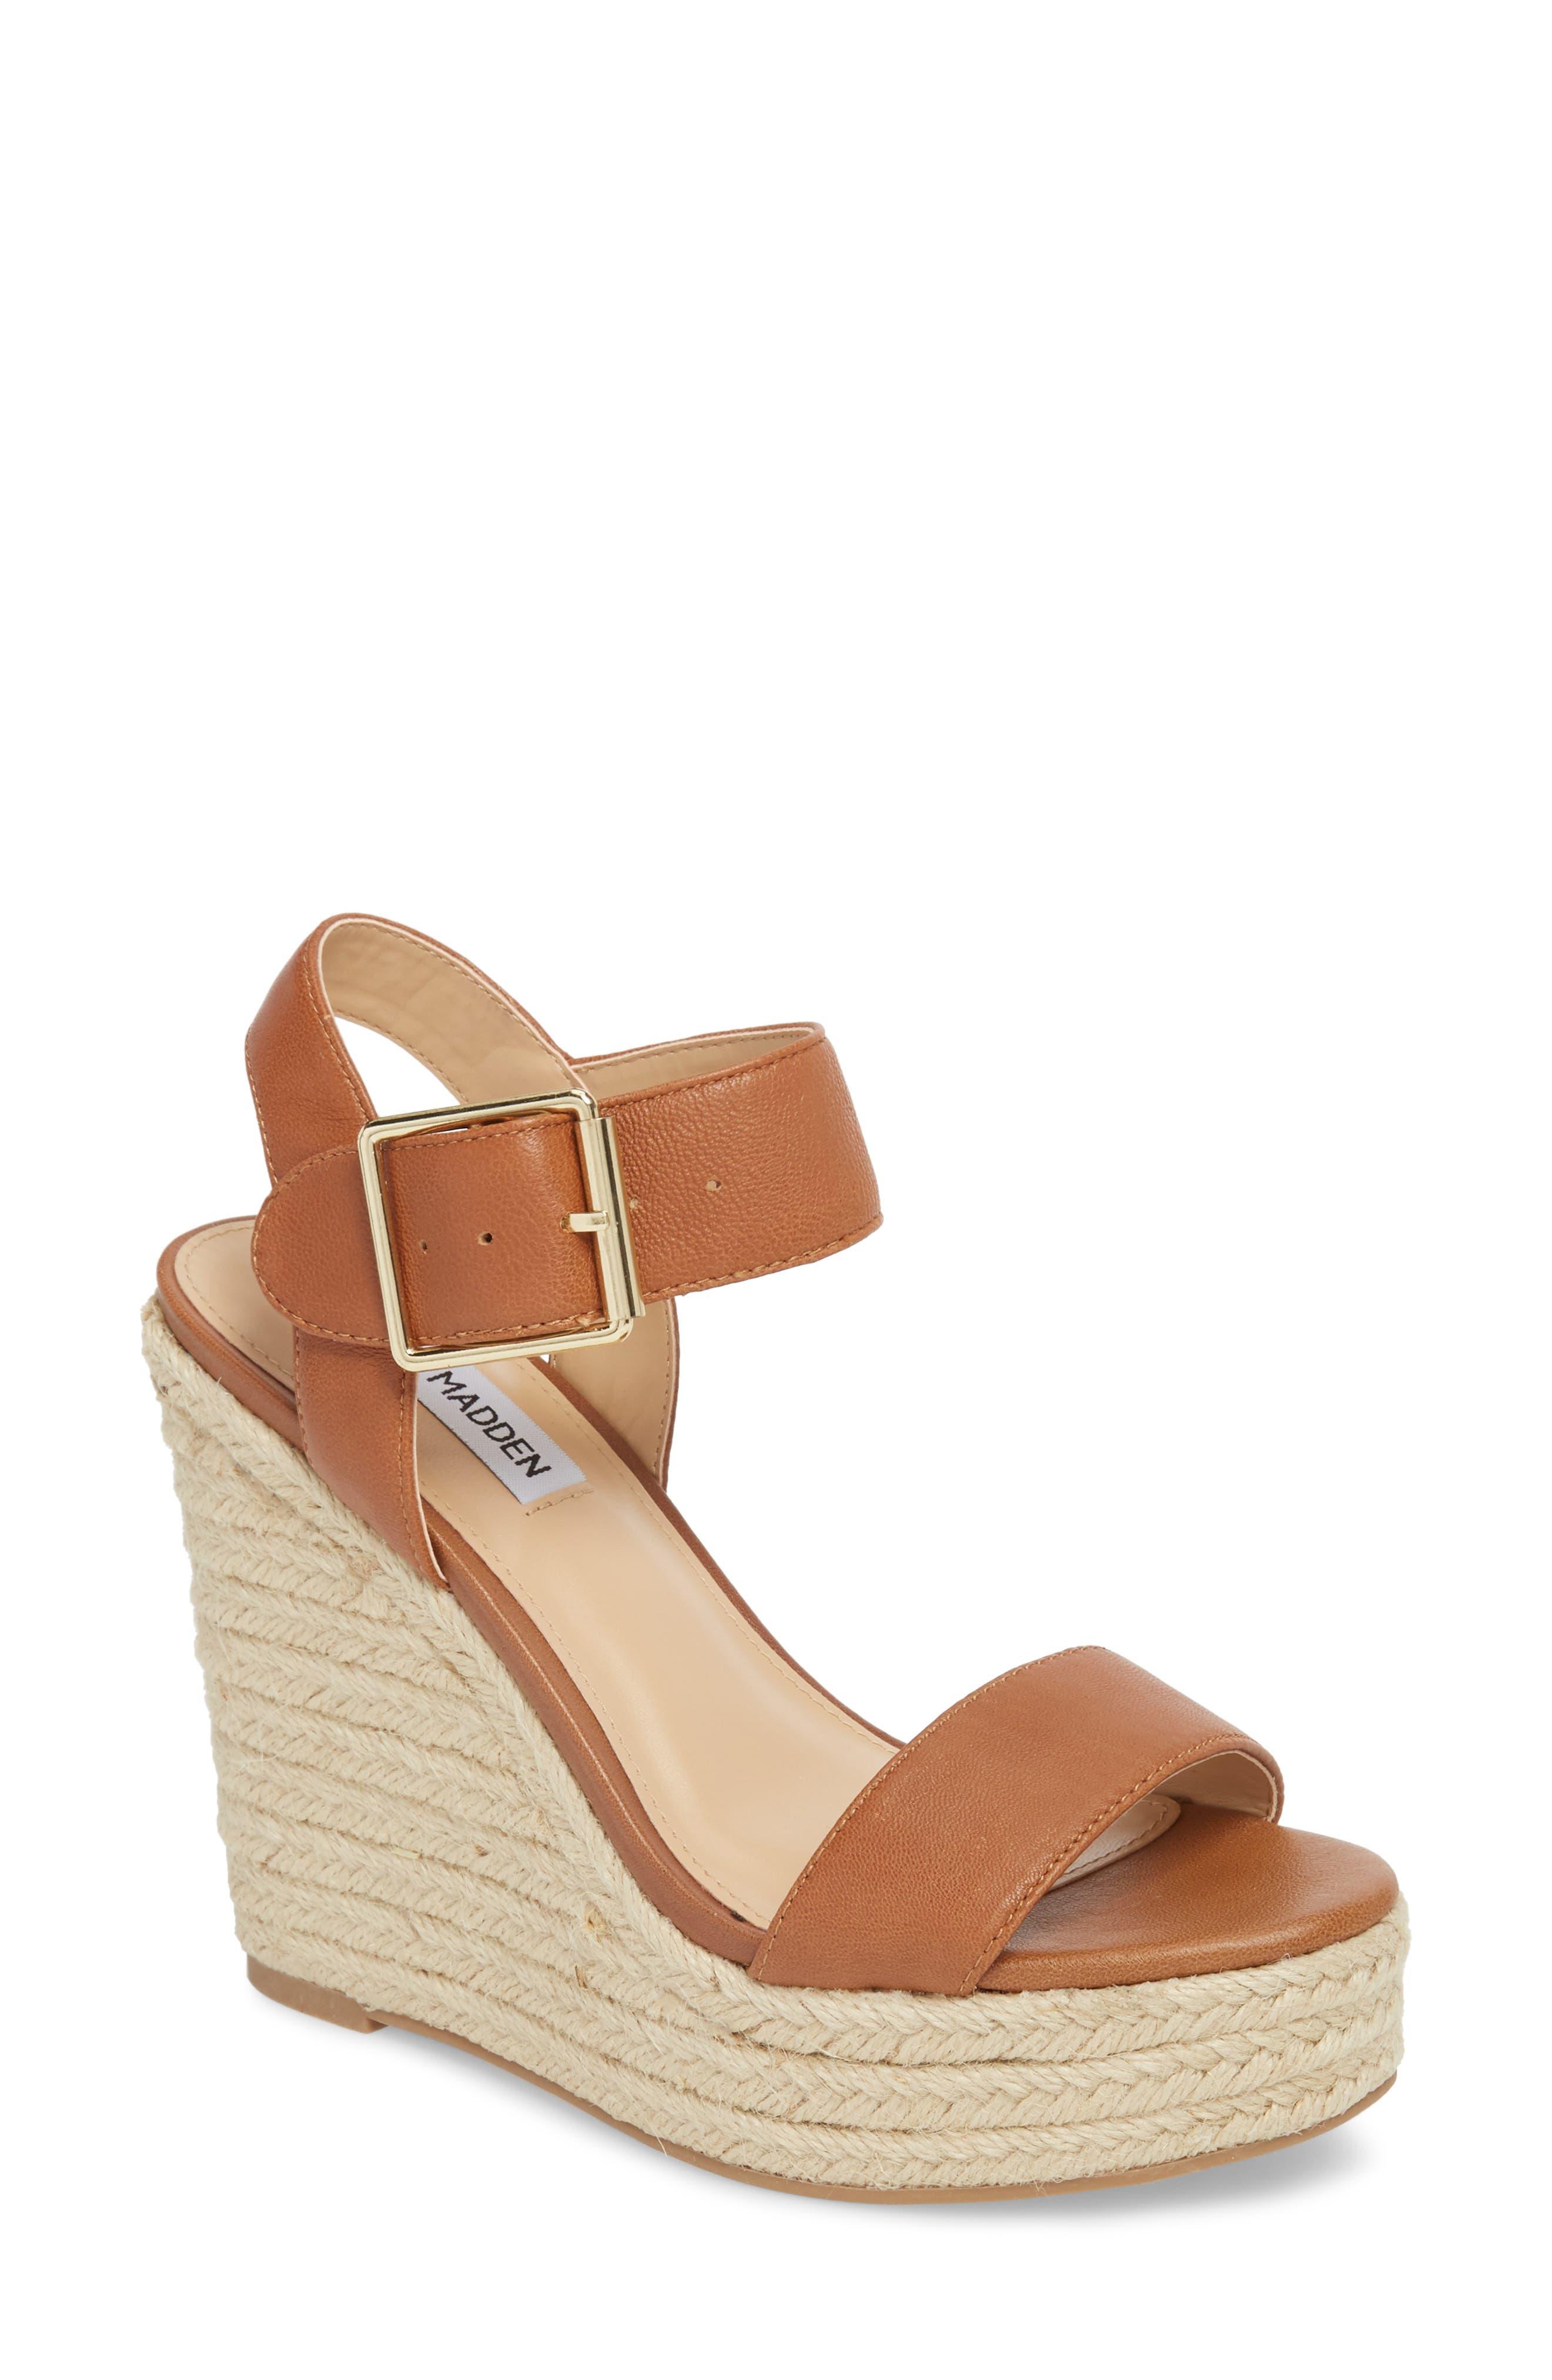 Steve Madden Santorini Espadrille Wedge Sandal (Women)